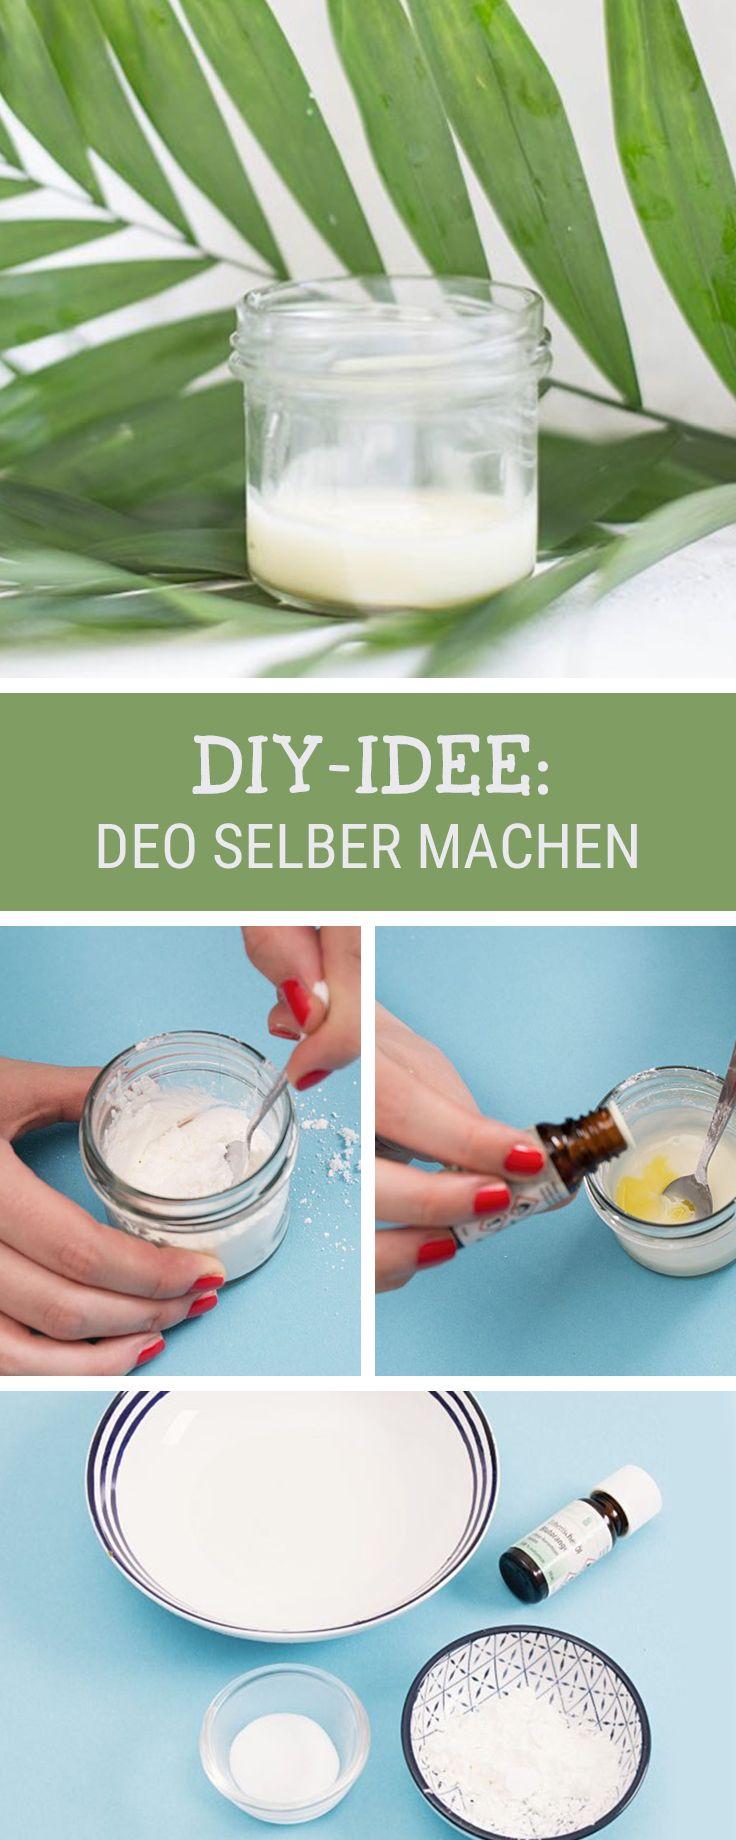 Beauty-DIY für mehr Nachhaltigkeit: Wir zeigen Dir, wie Du Dir Dein Deo einfach selbermachst / beauty inspiration: how to make your own deodorant via DaWanda.com